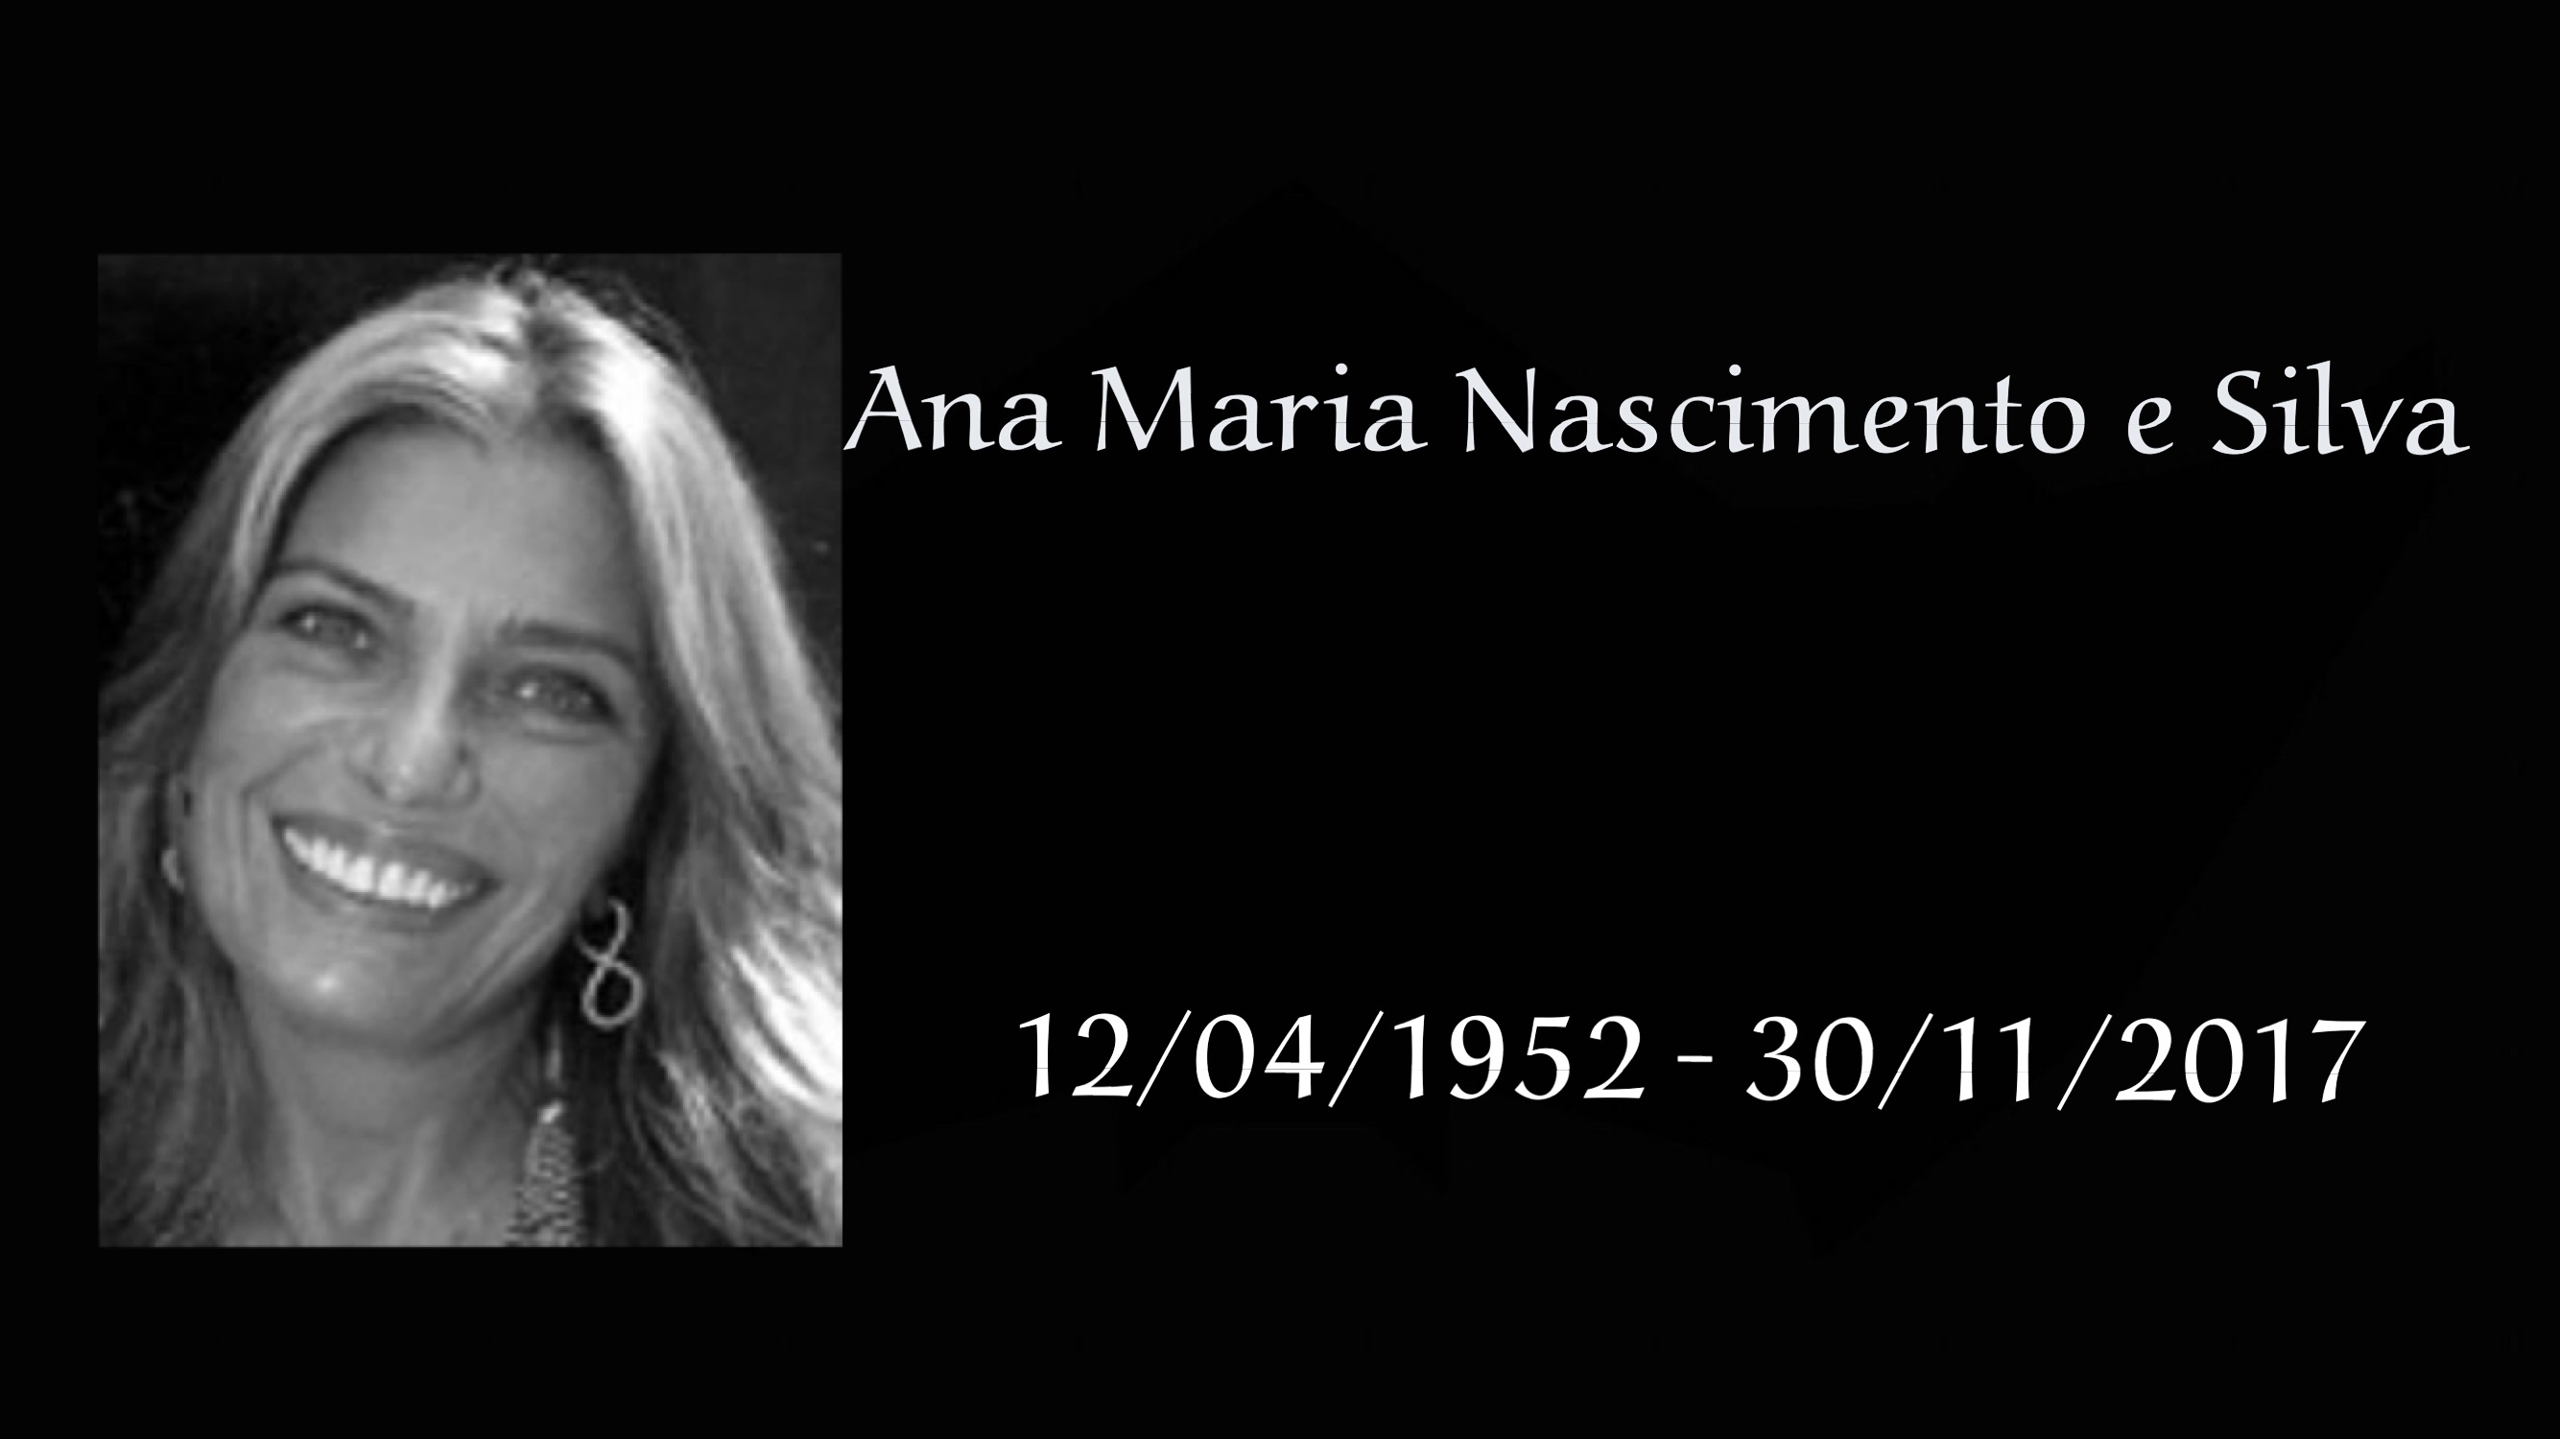 Atriz Ana Maria Nascimento e Silva morreu aos 60 anos 3